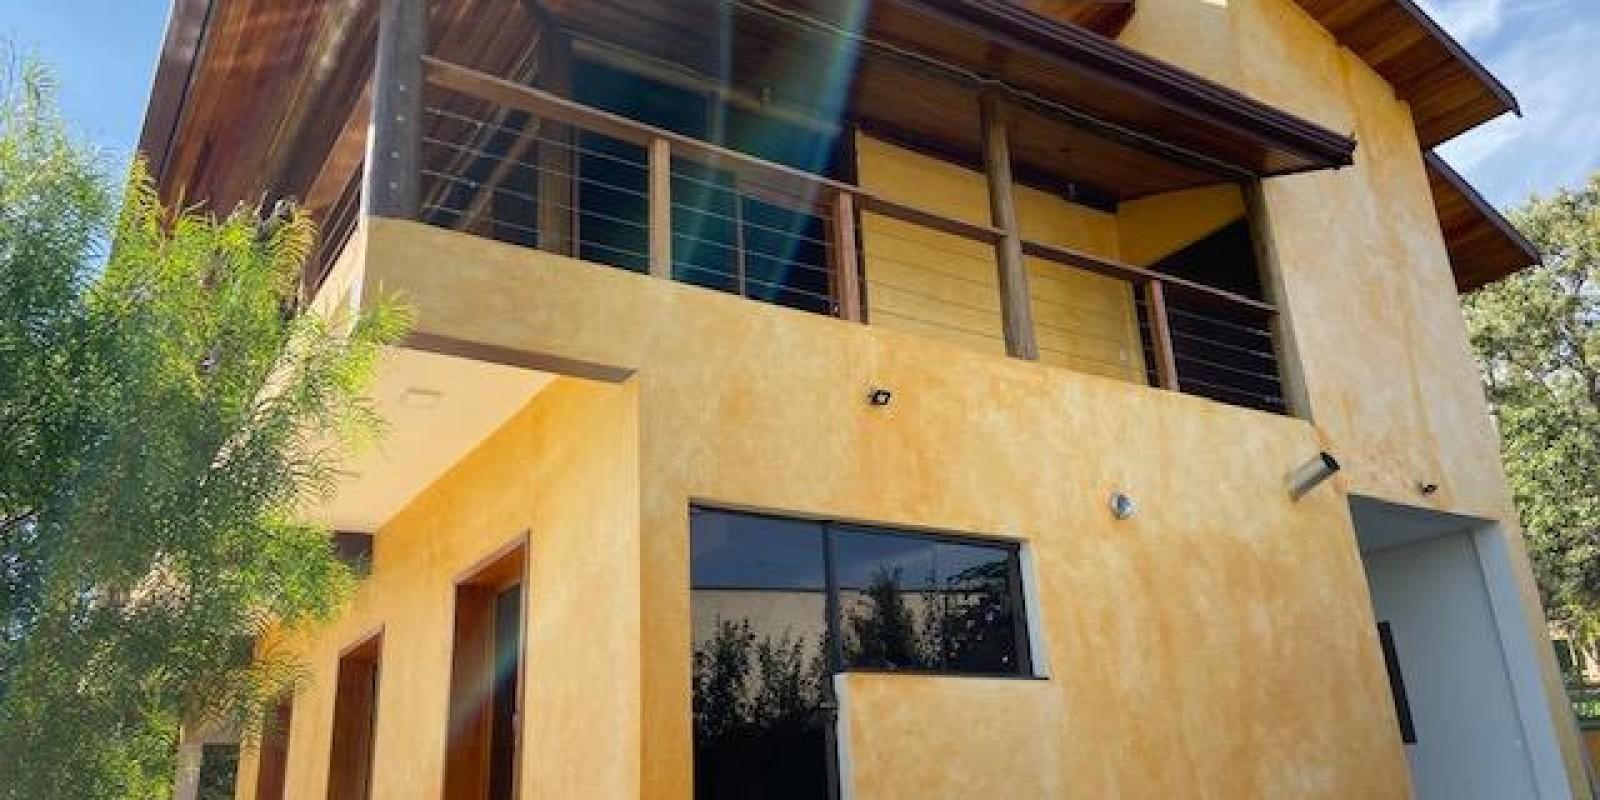 Casa na Represa no Condomínio Estribo em Avaré SP - Foto 21 de 21